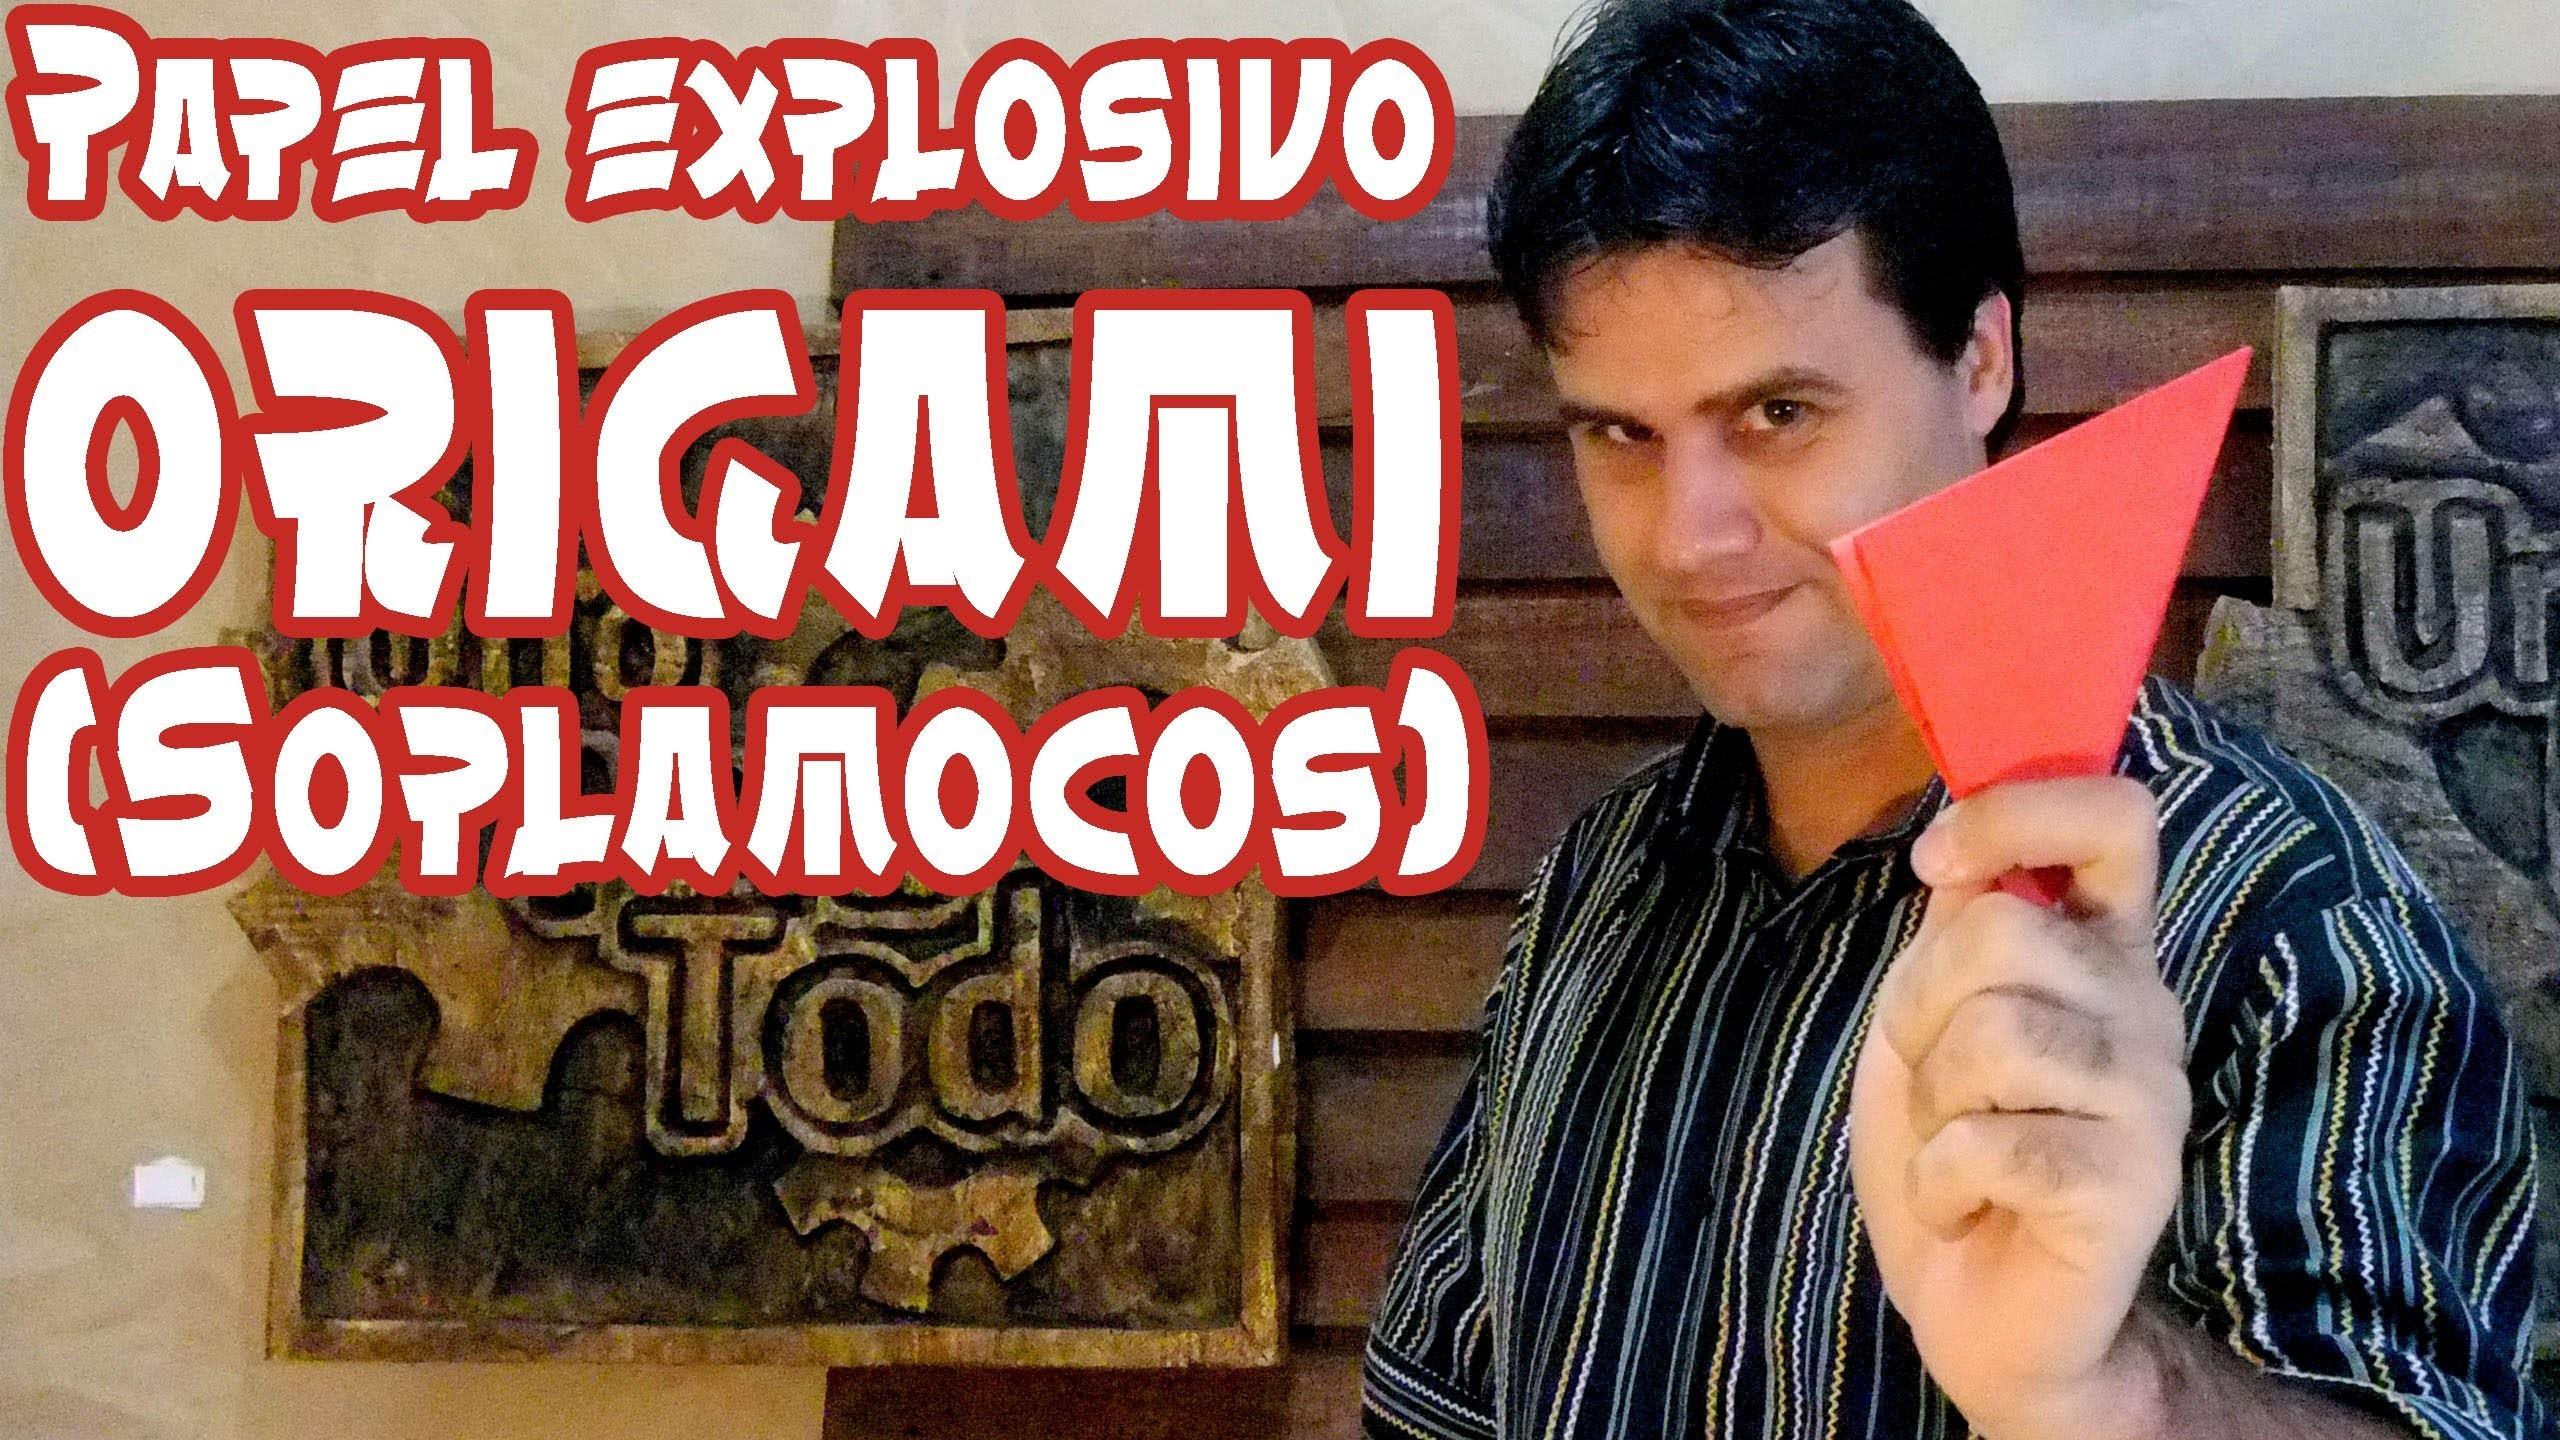 Papel explosivo origami (El soplamocos)